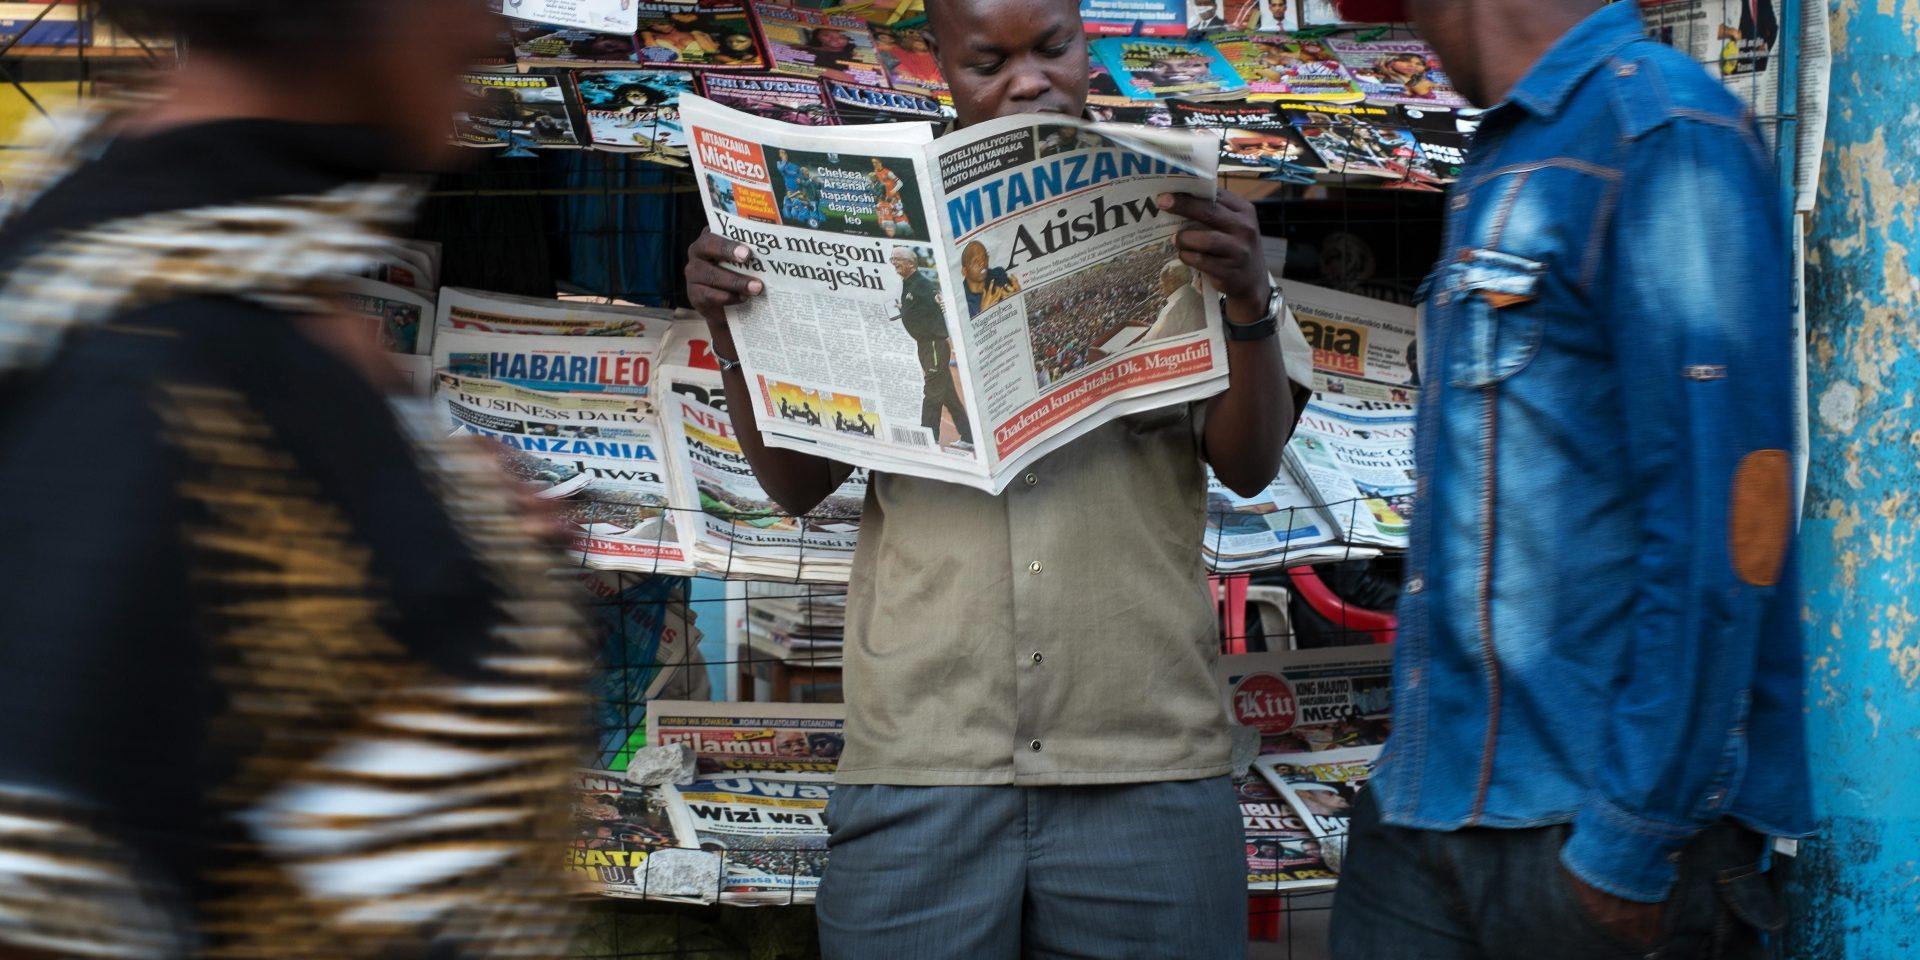 """Det krävs mod för att vara journalist i Tanzania, nya lagar har tryckt tillbaka den fria journalistiken. Här läser Julius Donald en lokal tidning vid sitt tidningsstånd i Mwanza inför valet 2015 som vanns av John """"Bulldozern"""" Magufuli. Sedan dess har pressfriheten minskat rejält i Tanzania."""